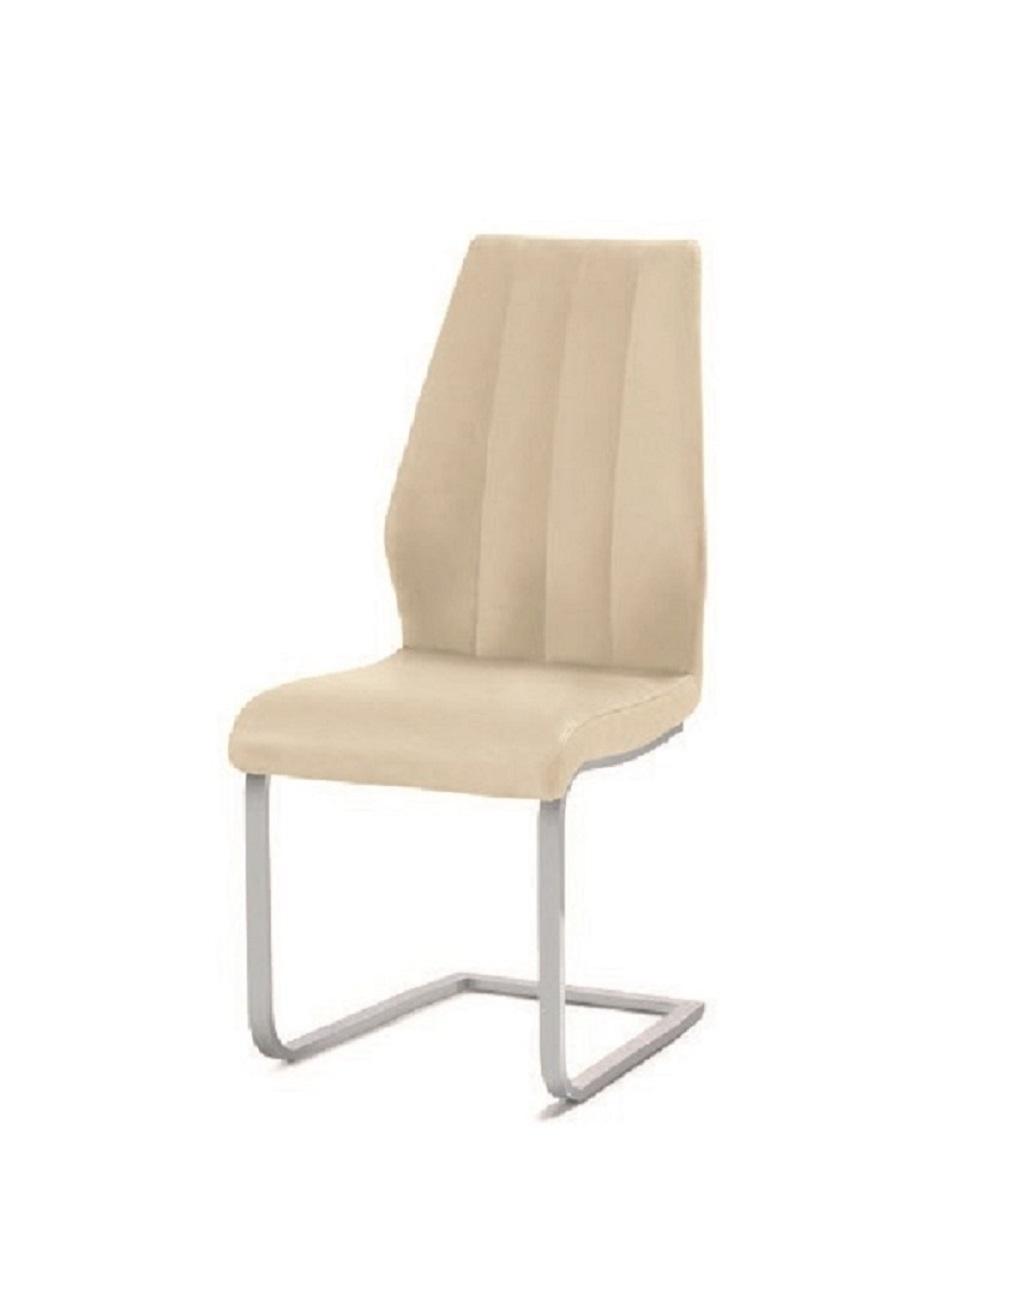 Sedia target point avignone scontato del 50 sedie a for Sedia e un nome primitivo o derivato